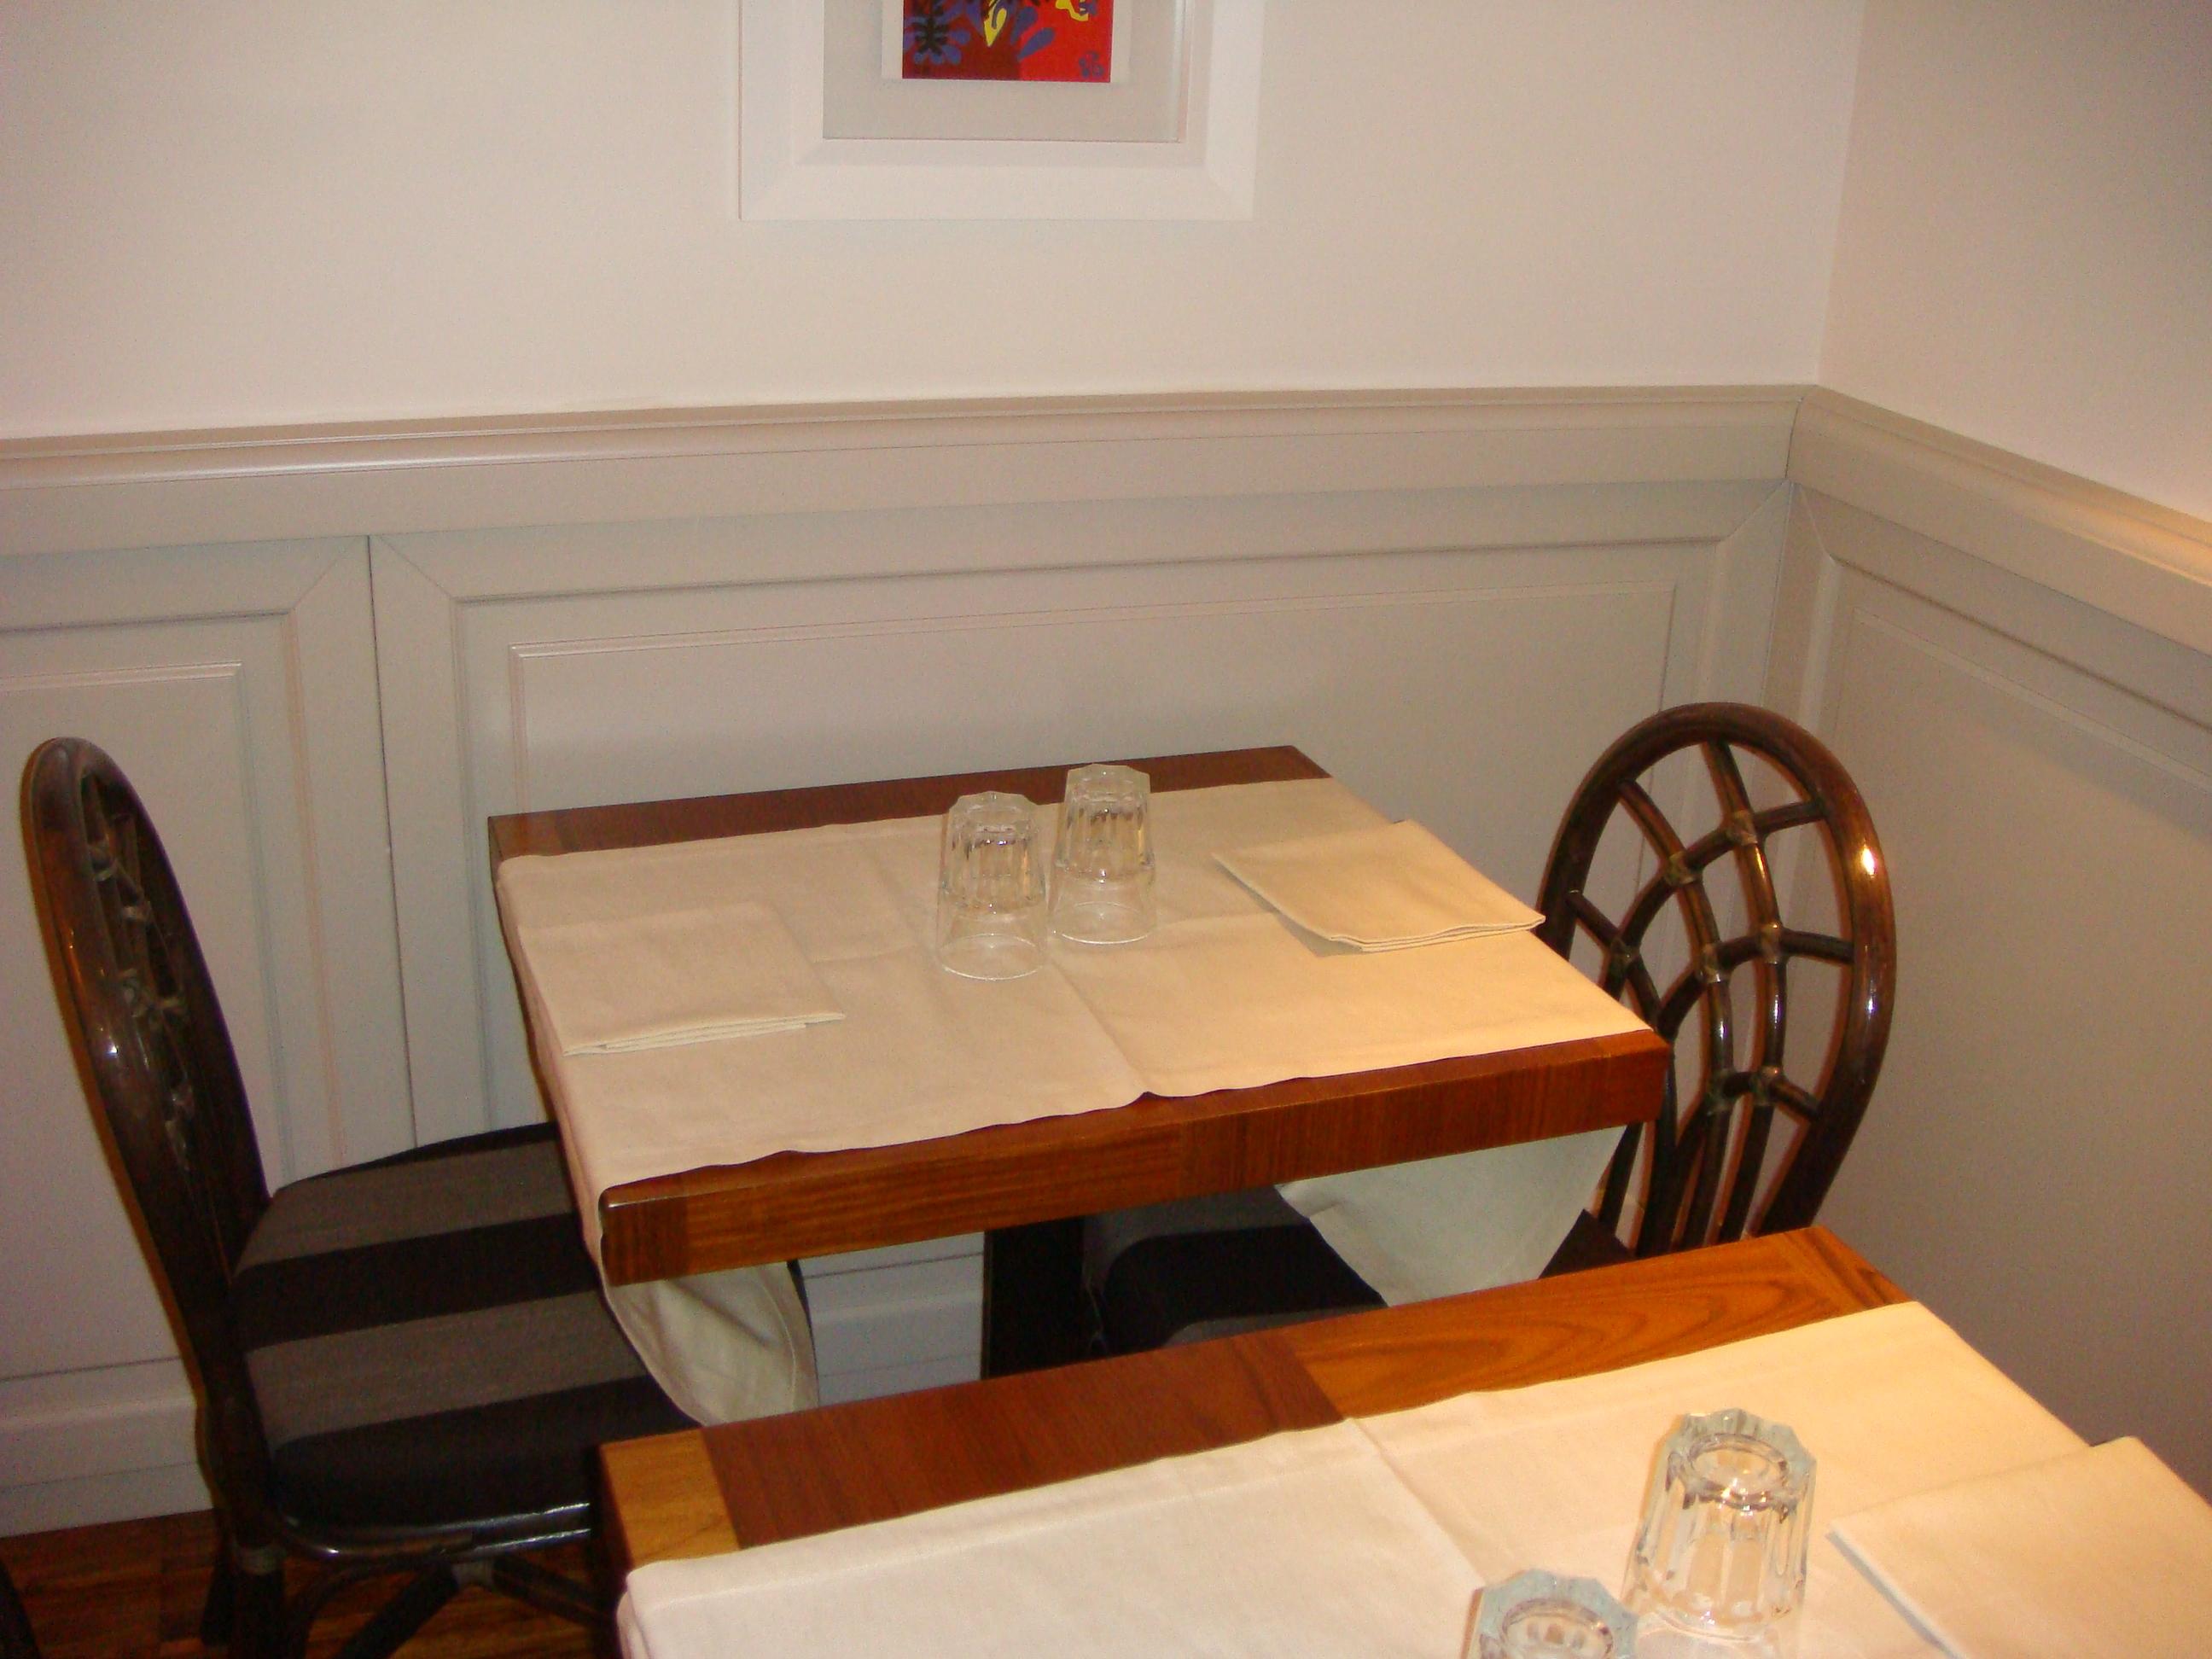 boiserie bassa ristorante roma ESCAPE='HTML'